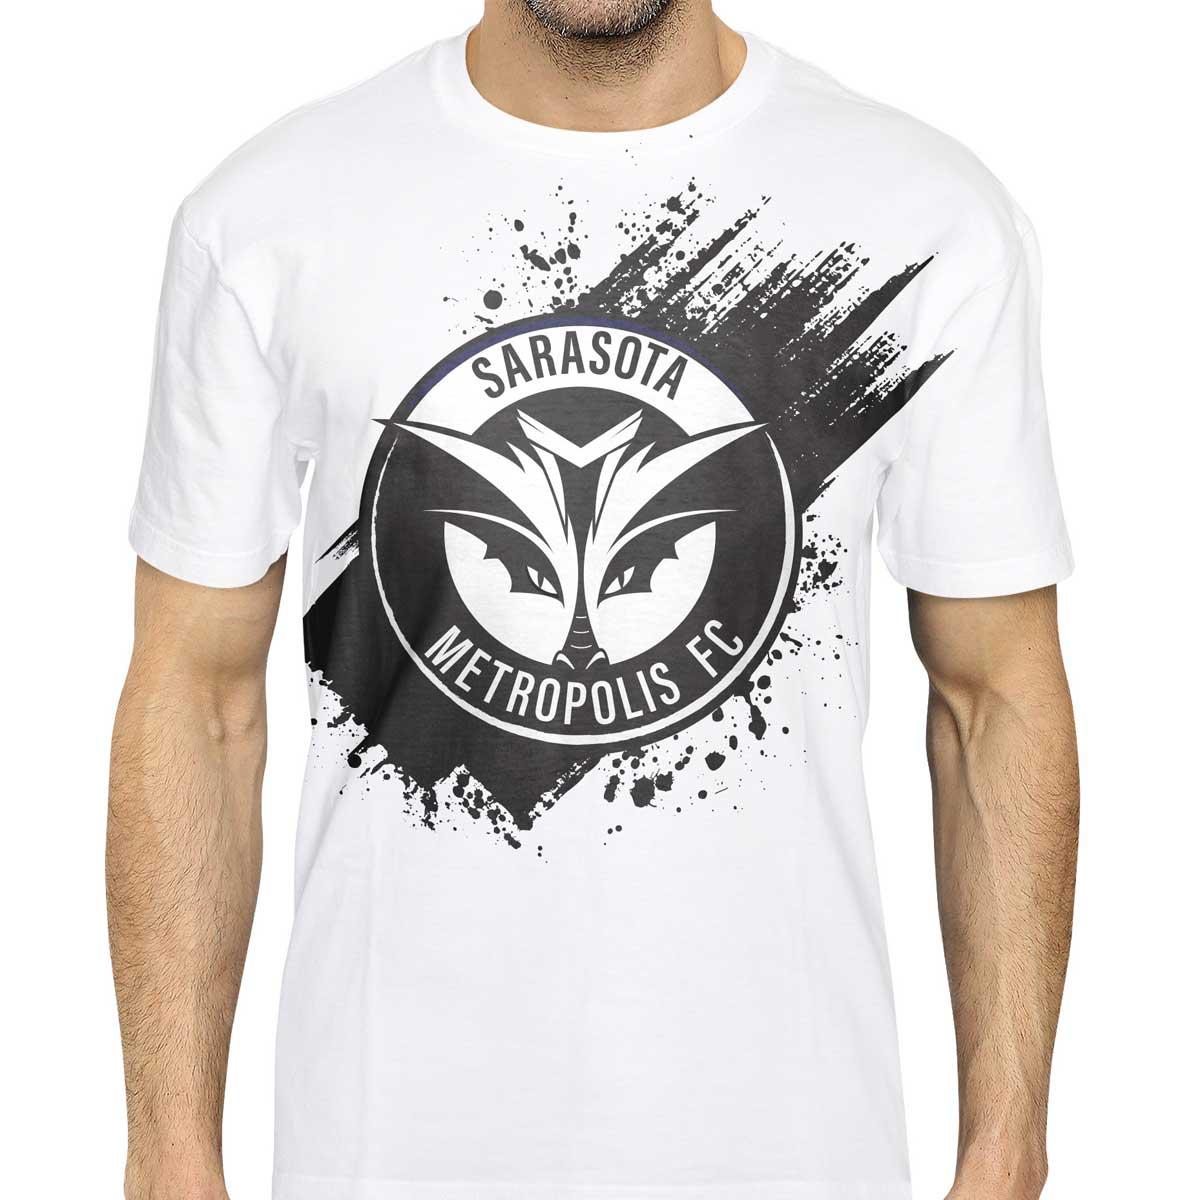 Sarasota Metropolis T-shirt Design